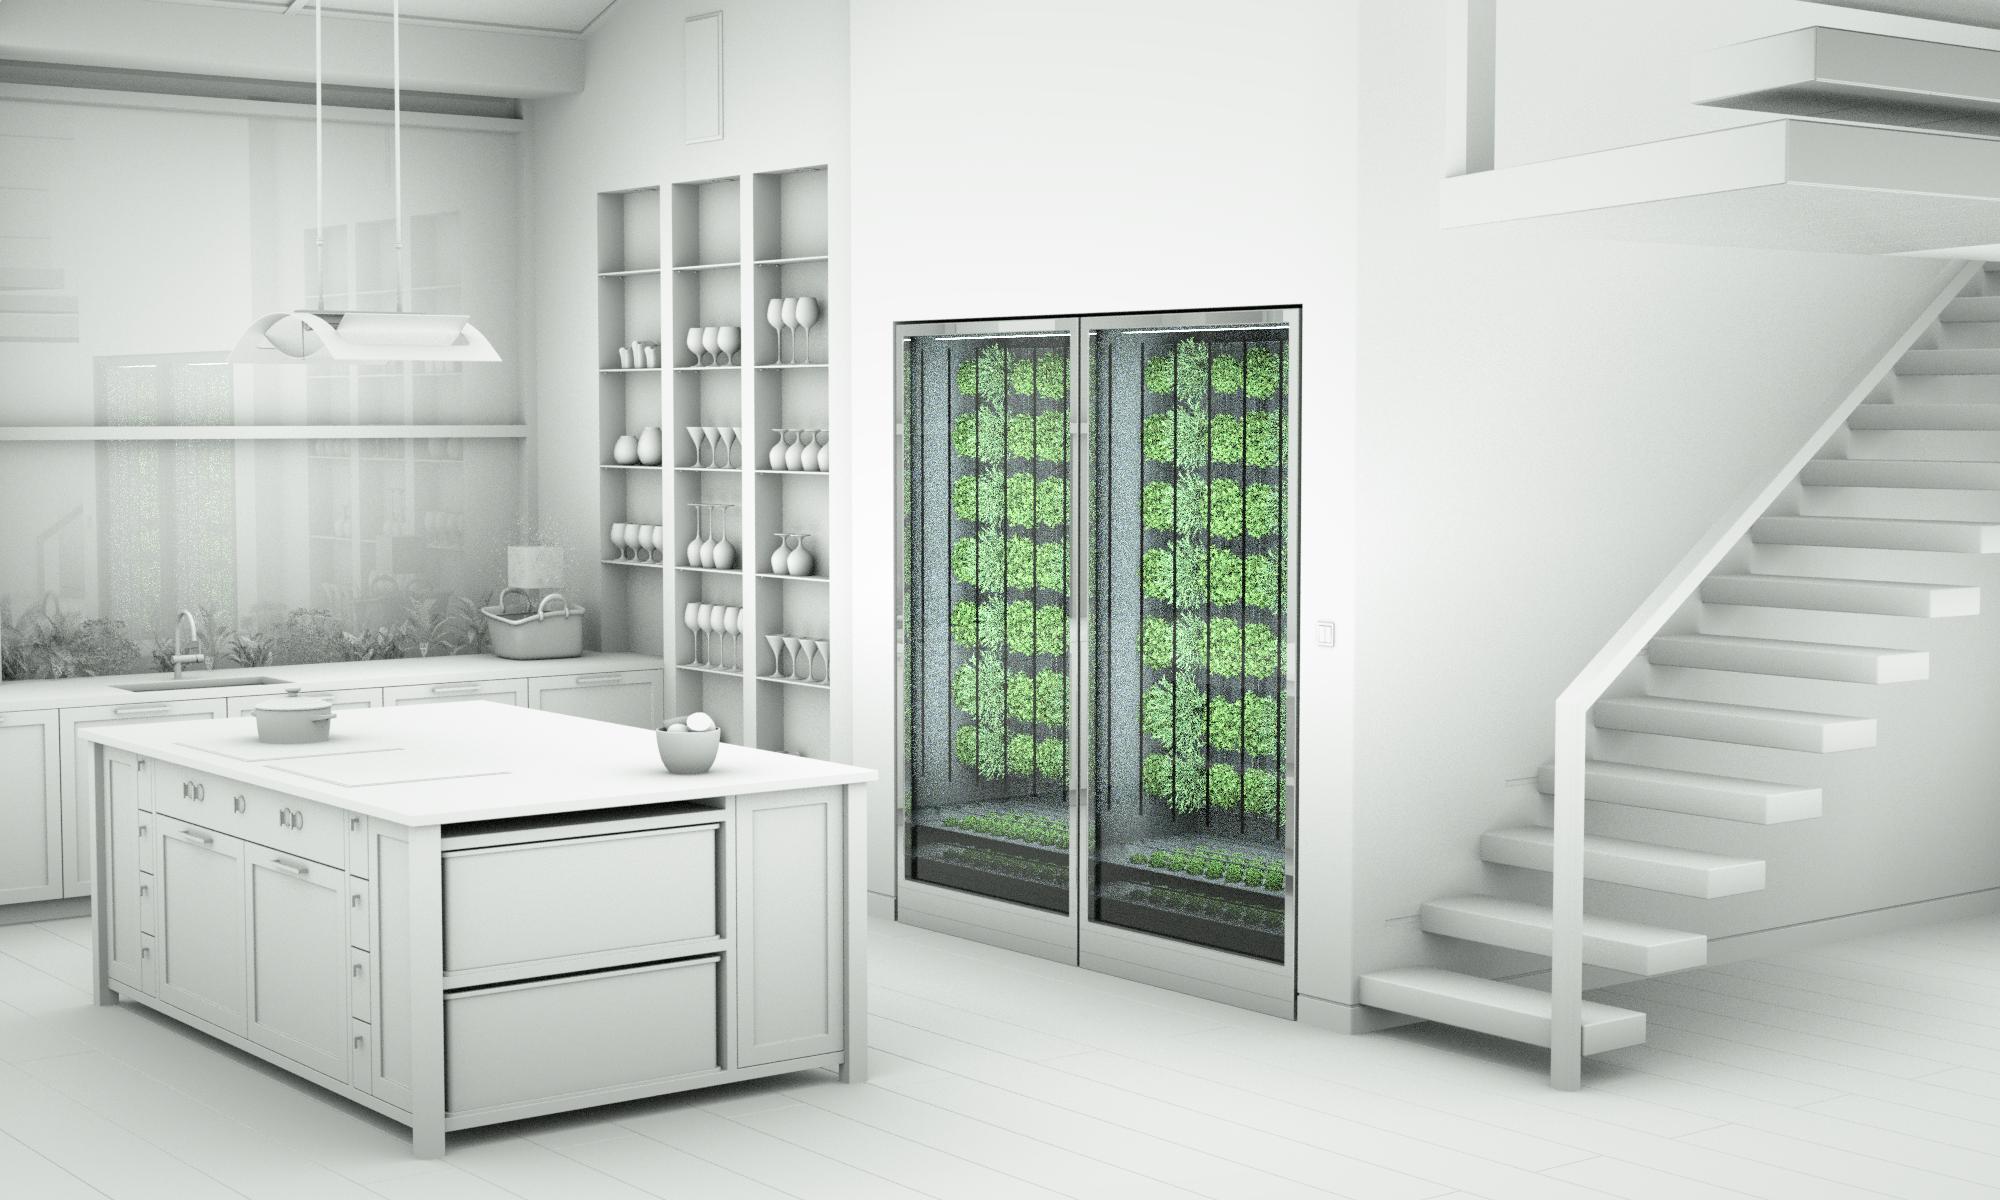 biom_fridge2.png